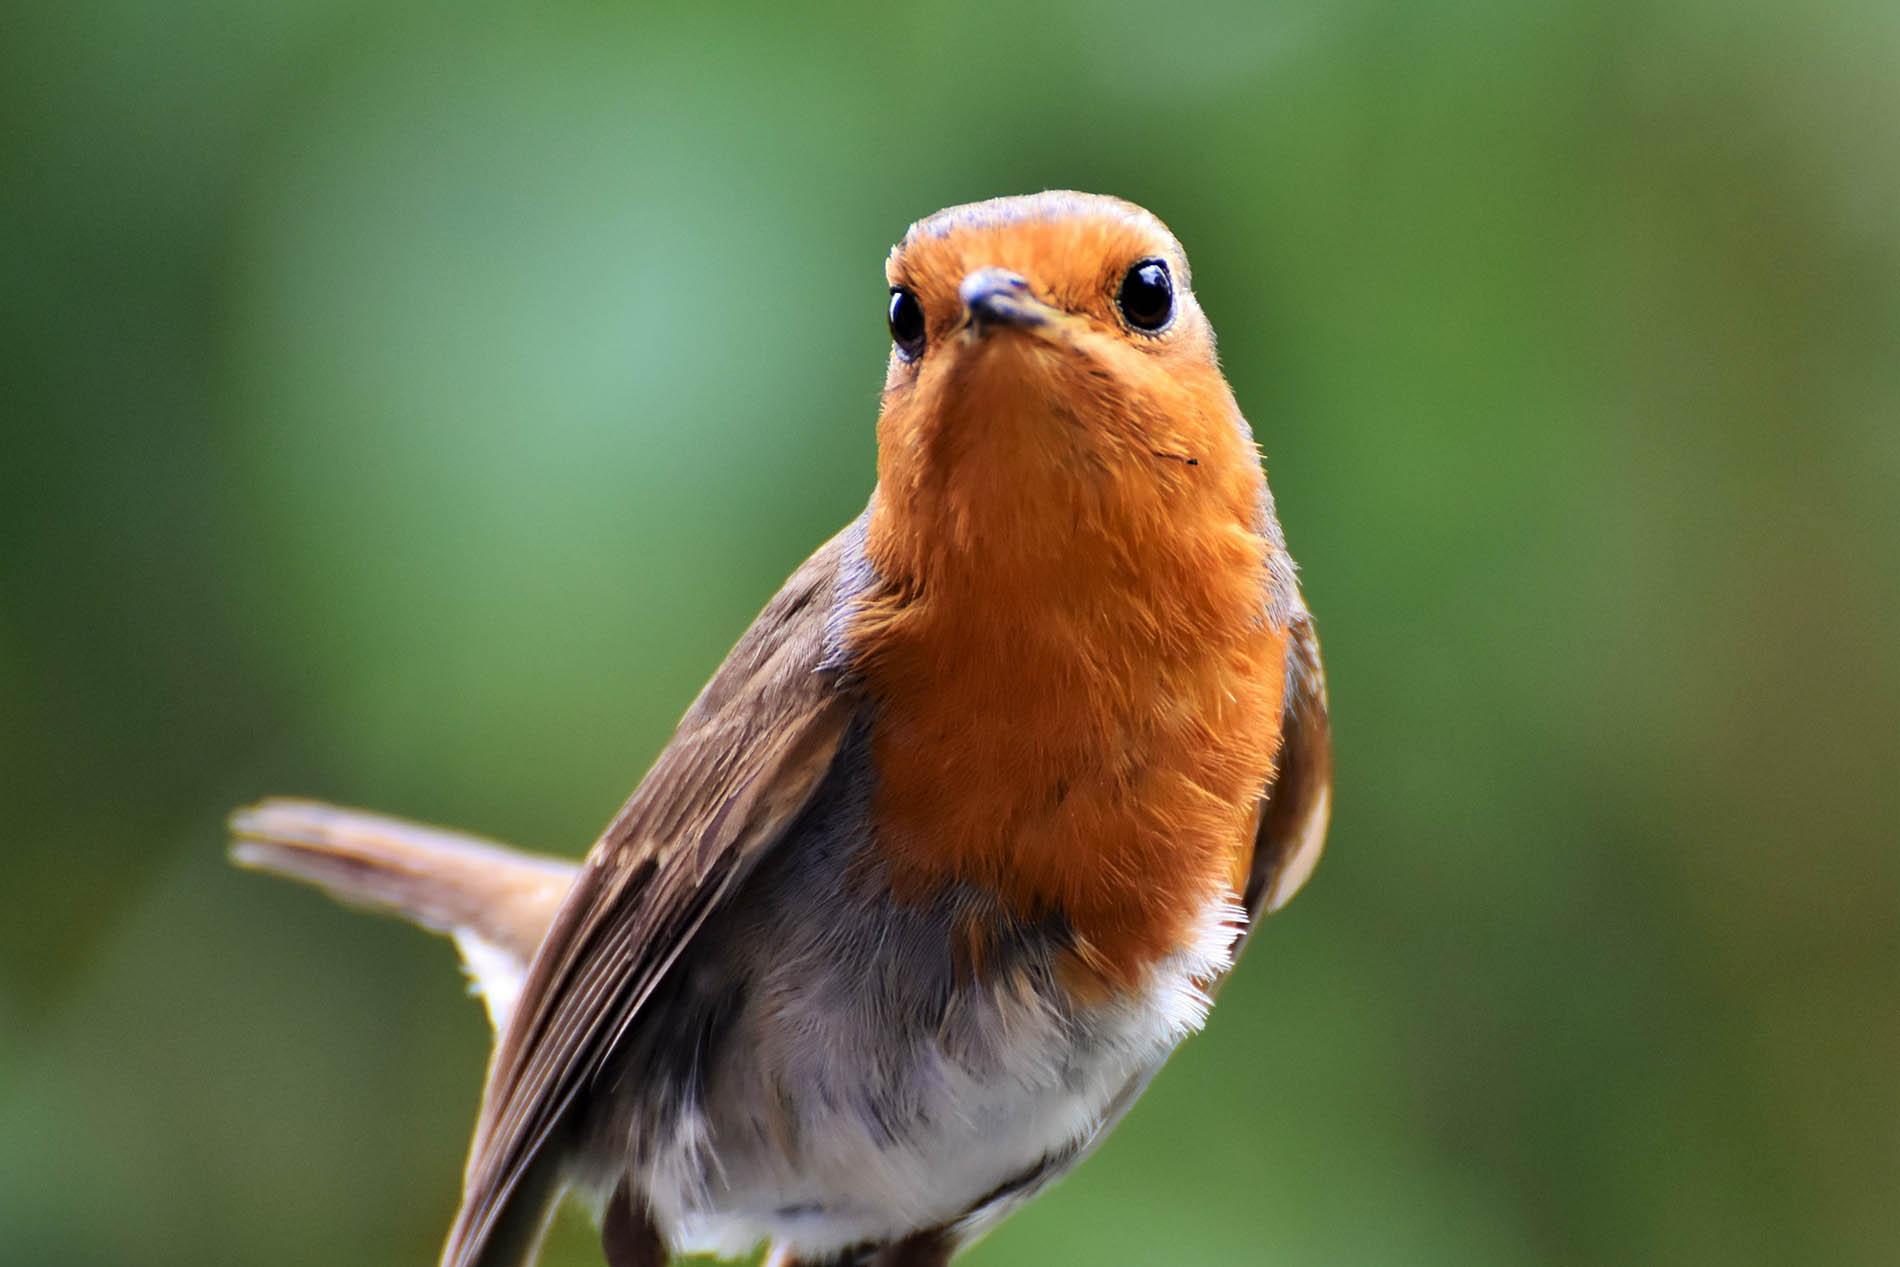 Universität Oldenburg: Tierversuche an Vögeln müssen beendet werden